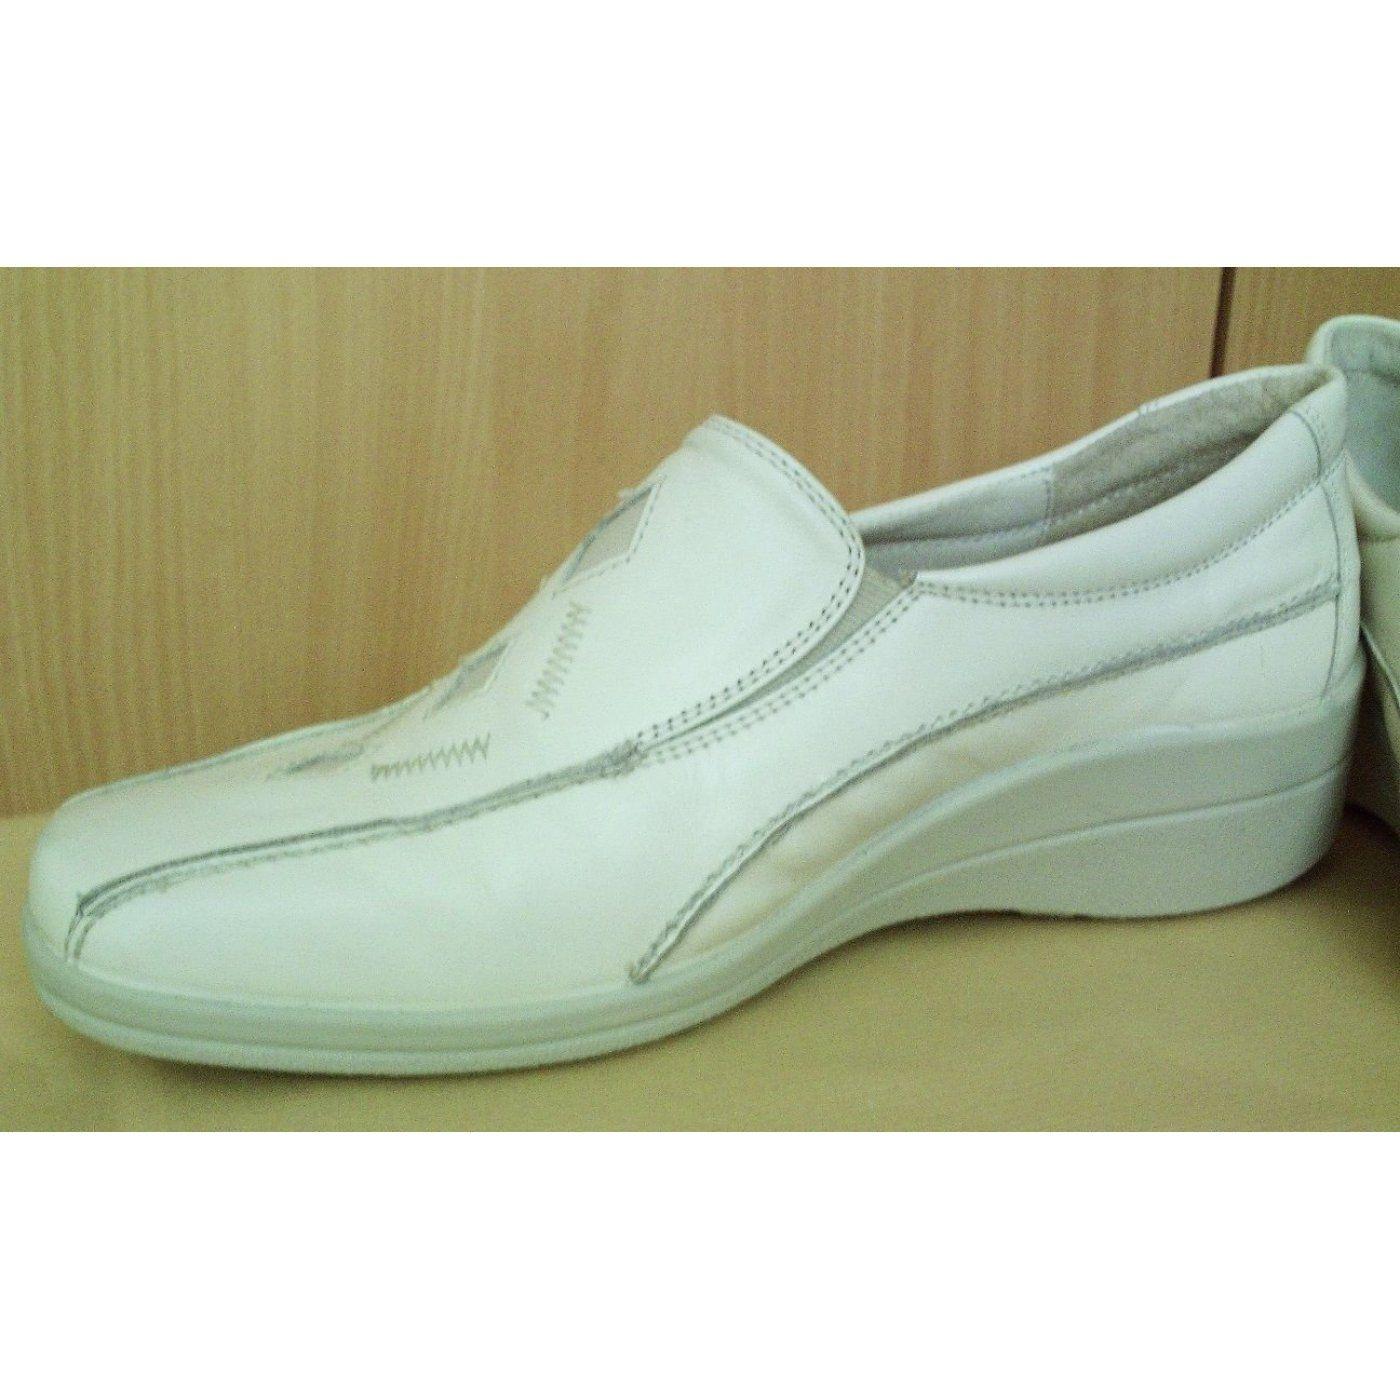 """Schöner Damenschuh, Marke """"NATURLÄUFER"""", Farbe Hellbeige oder Ecru, nur 2x getragen, da Schuhrand außen etwas zu hoch ist, sehr guter Zustand."""